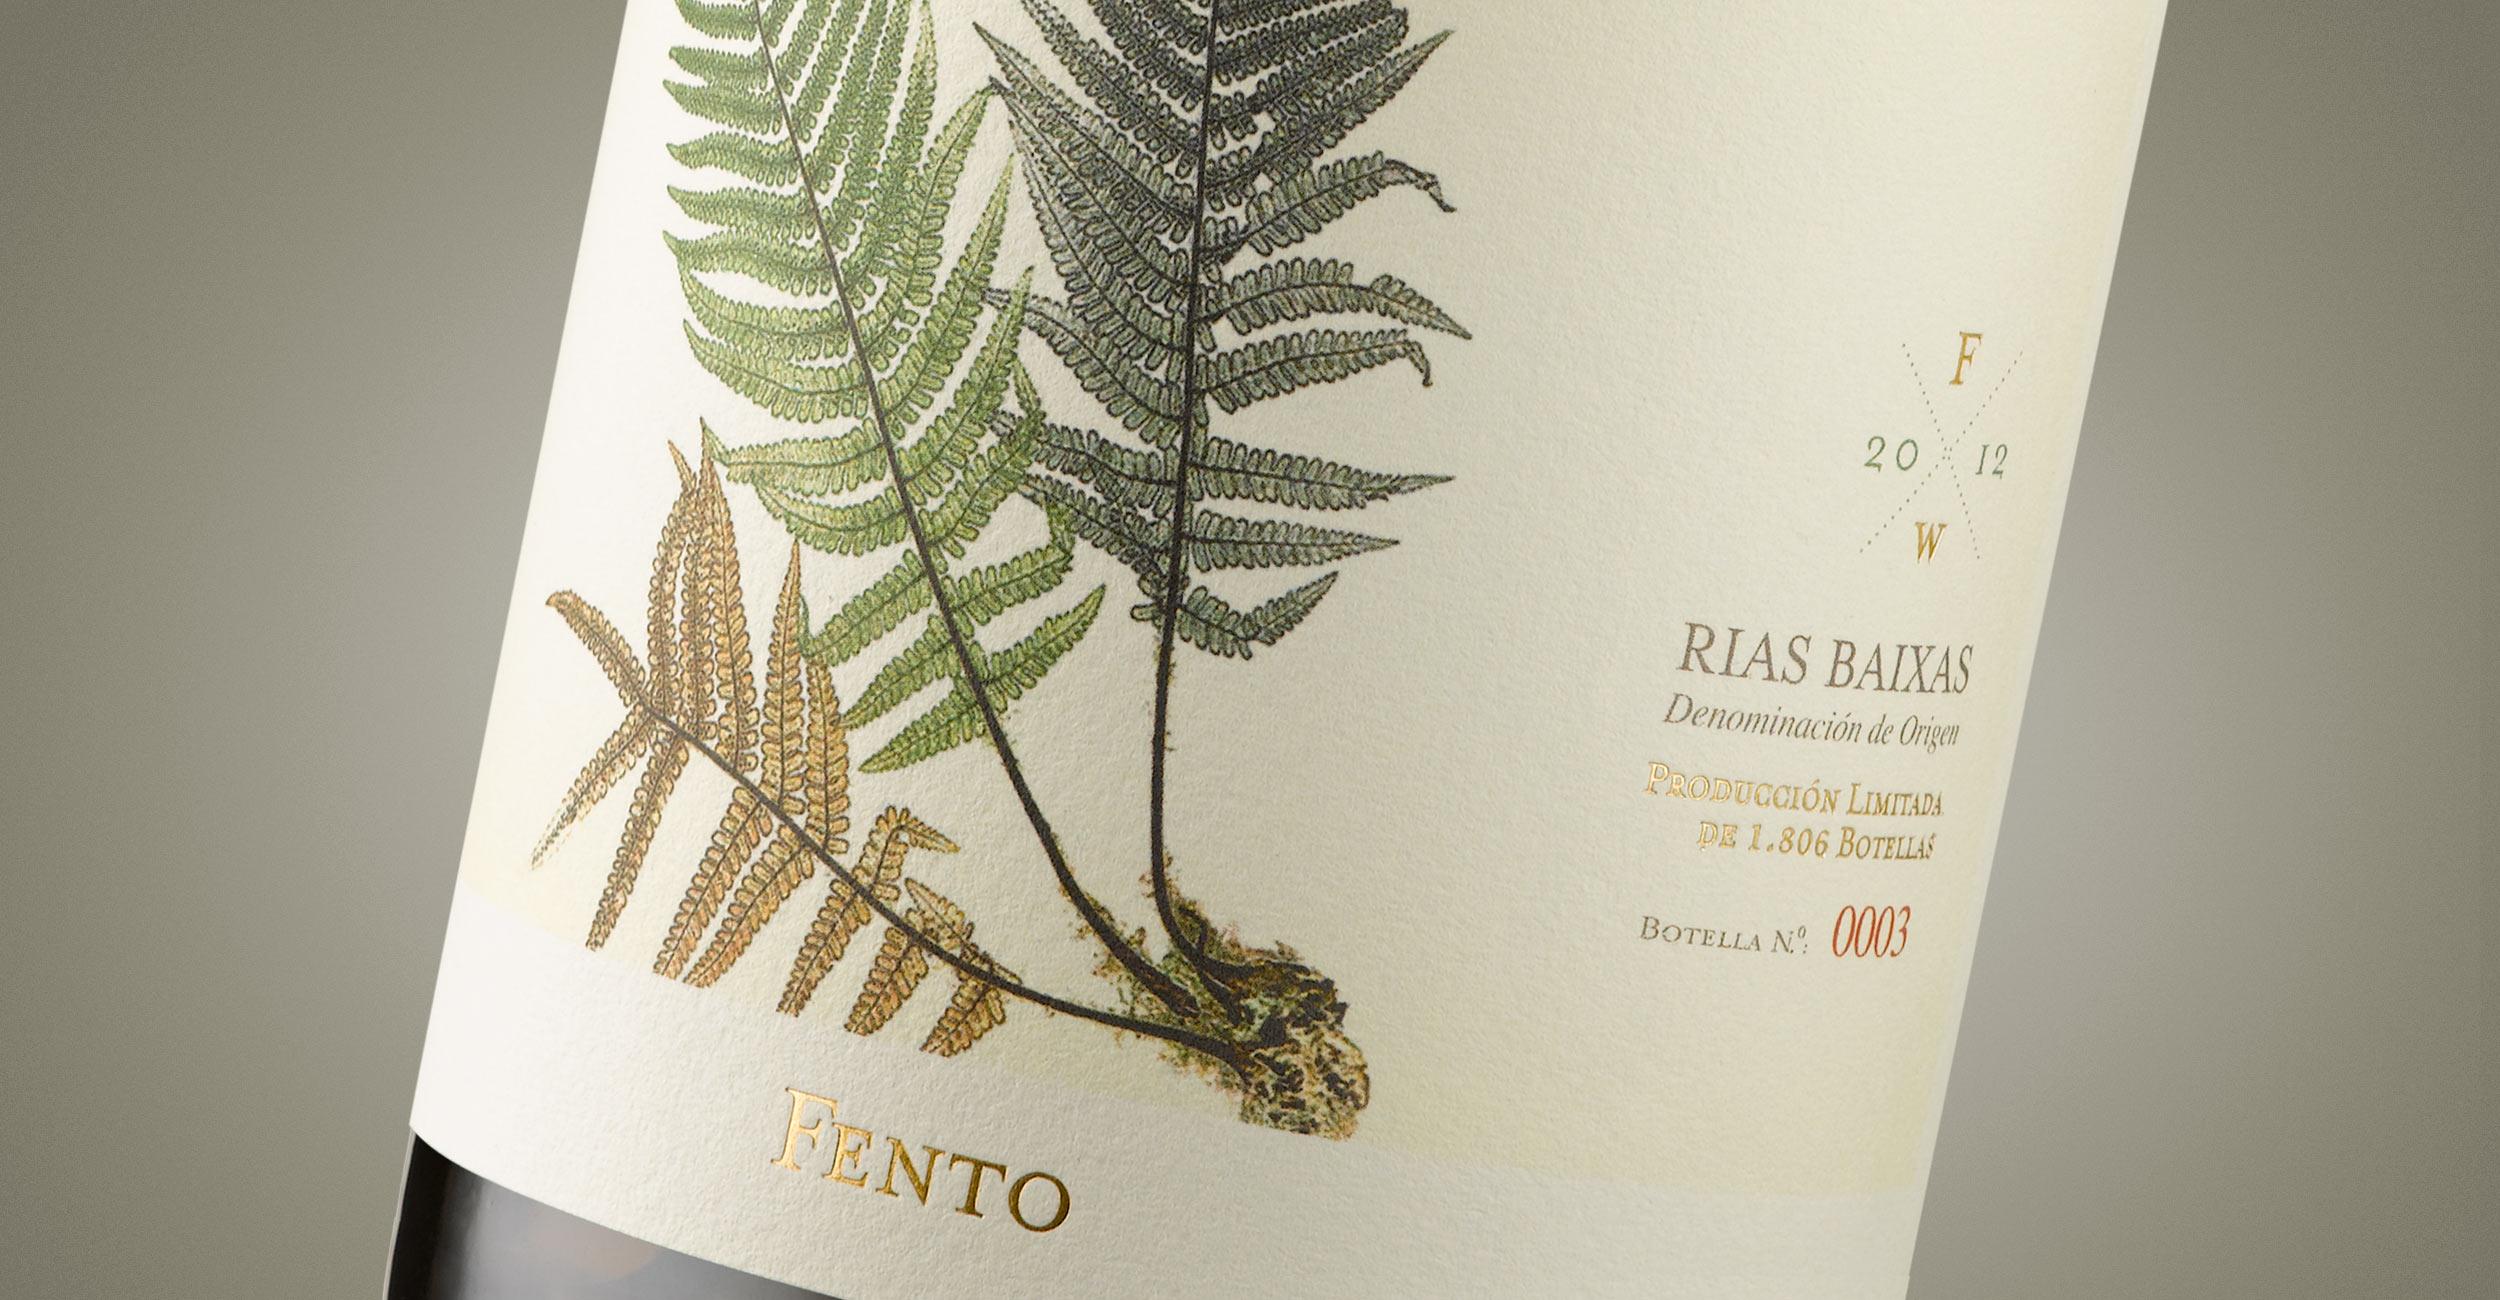 Fento Wines - Fento